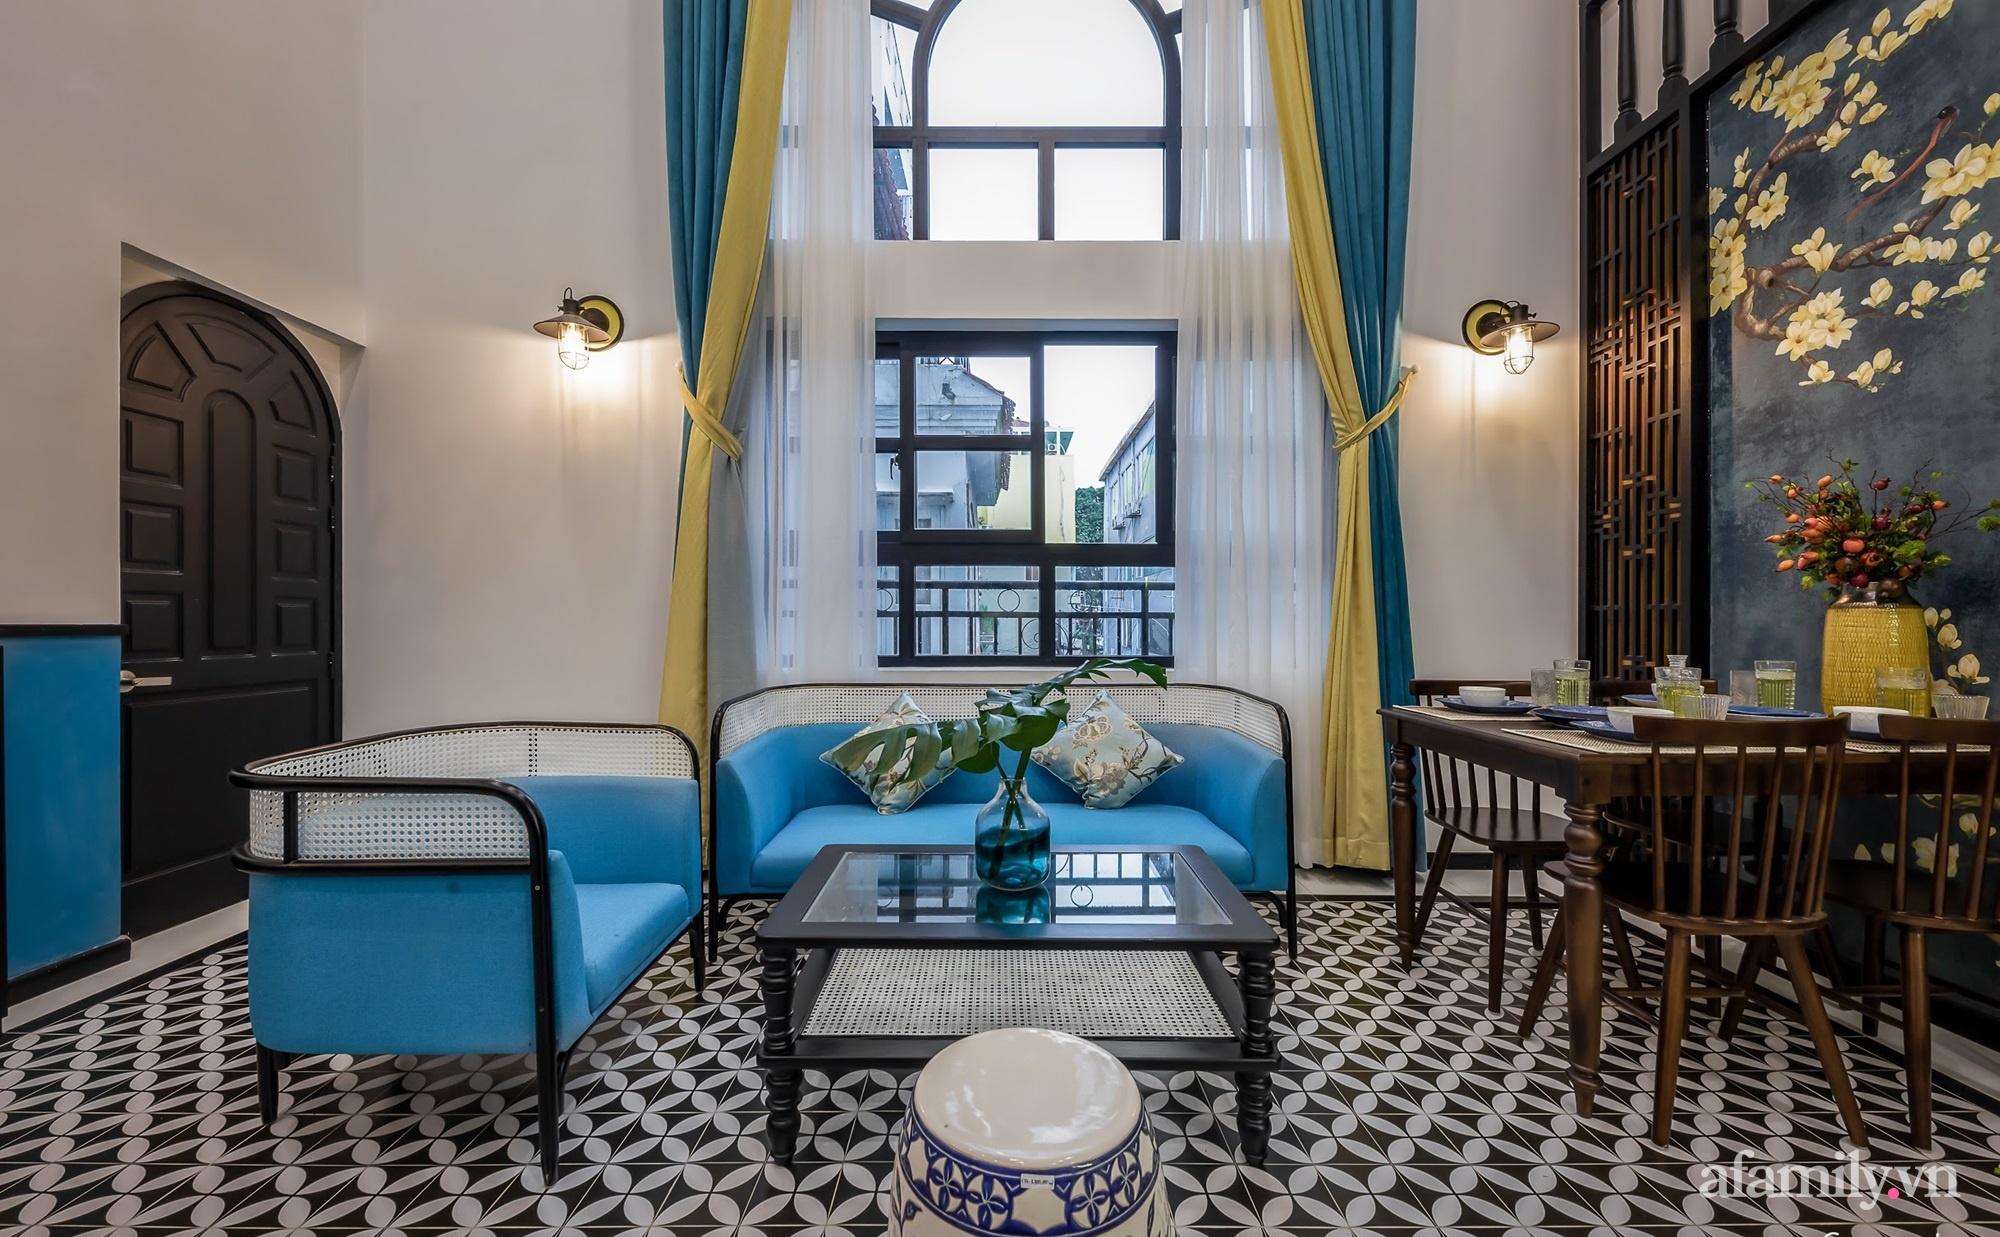 Cải tạo căn hộ tập thể 85m² thành không gian phảng phất vẻ đẹp Đông Dương với chi phí 700 triệu đồng ở Sài Gòn - Ảnh 6.